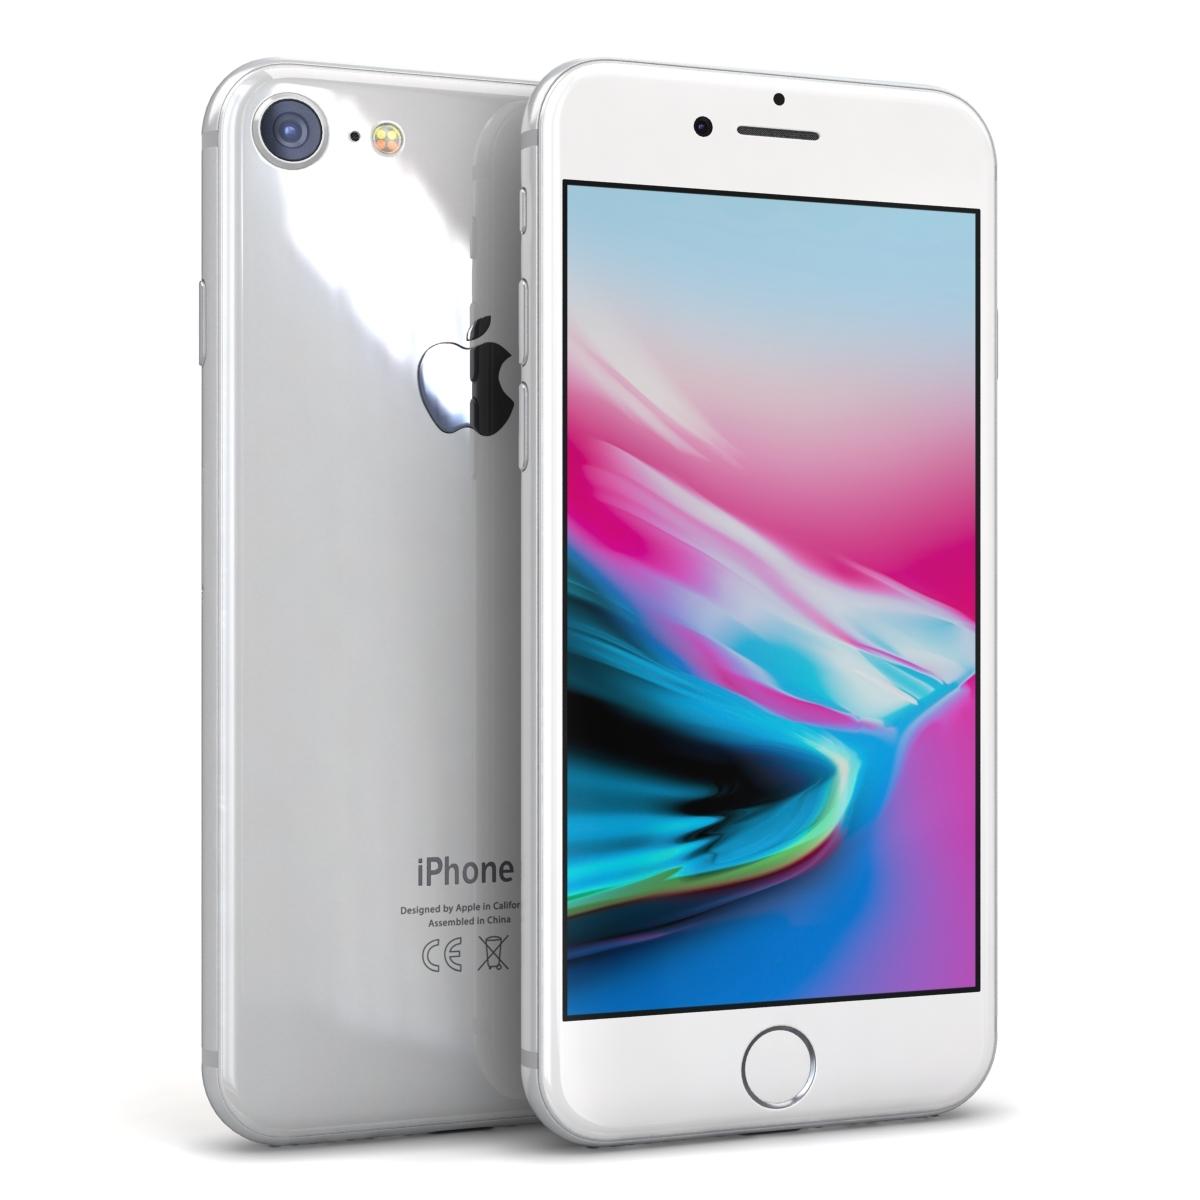 گوشی-موبایل-اپل-آیفون-ایت-Apple-iPhone-8...jpg